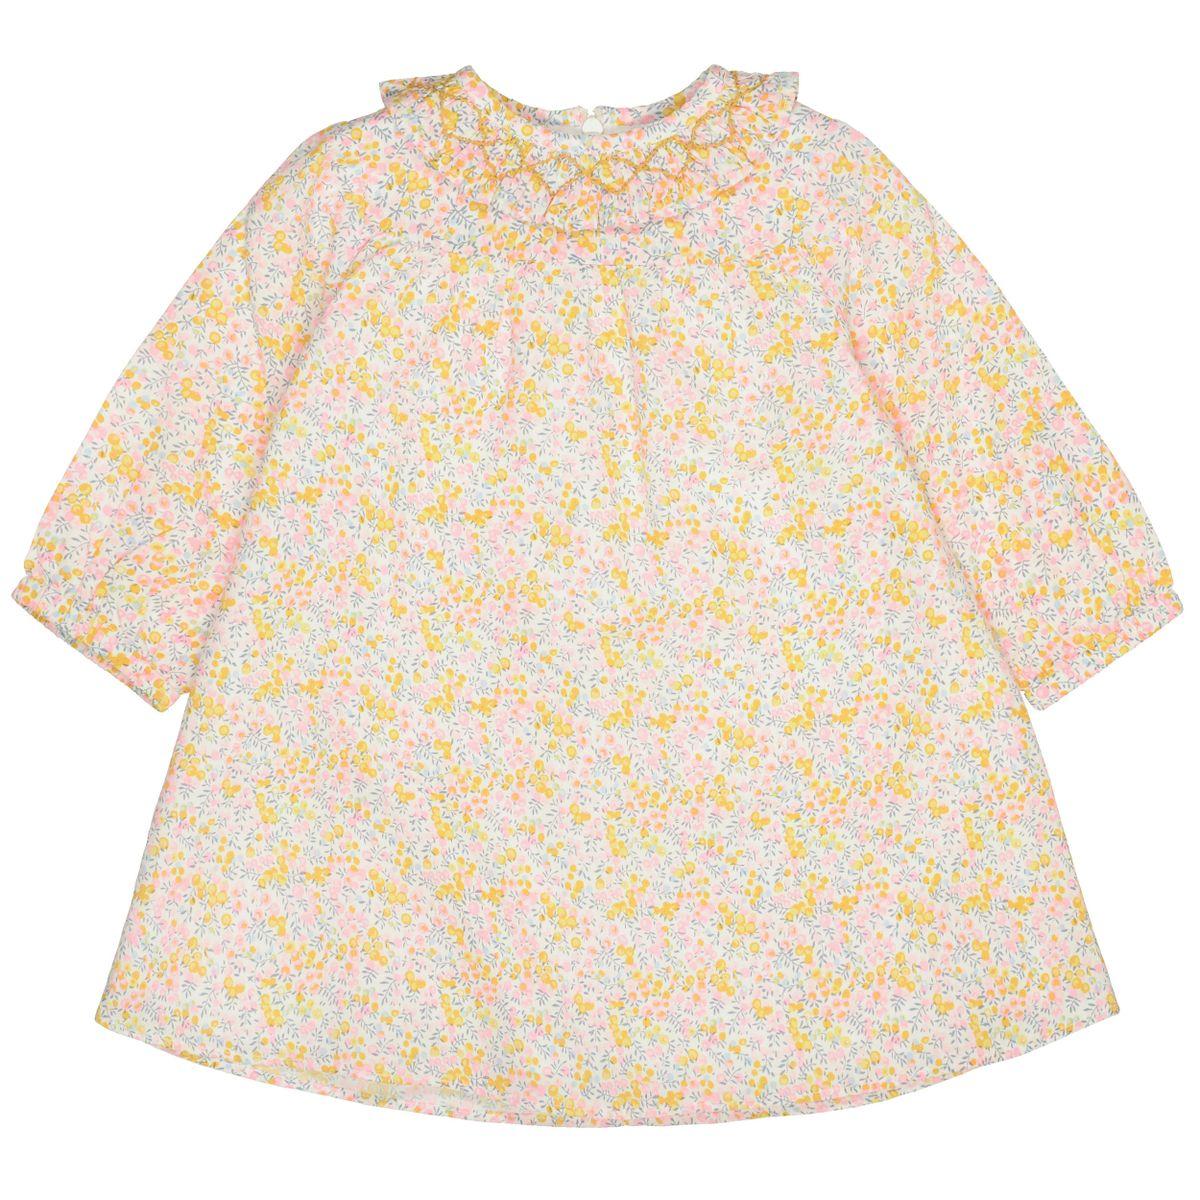 Kleid mit Allover-Print - Flower